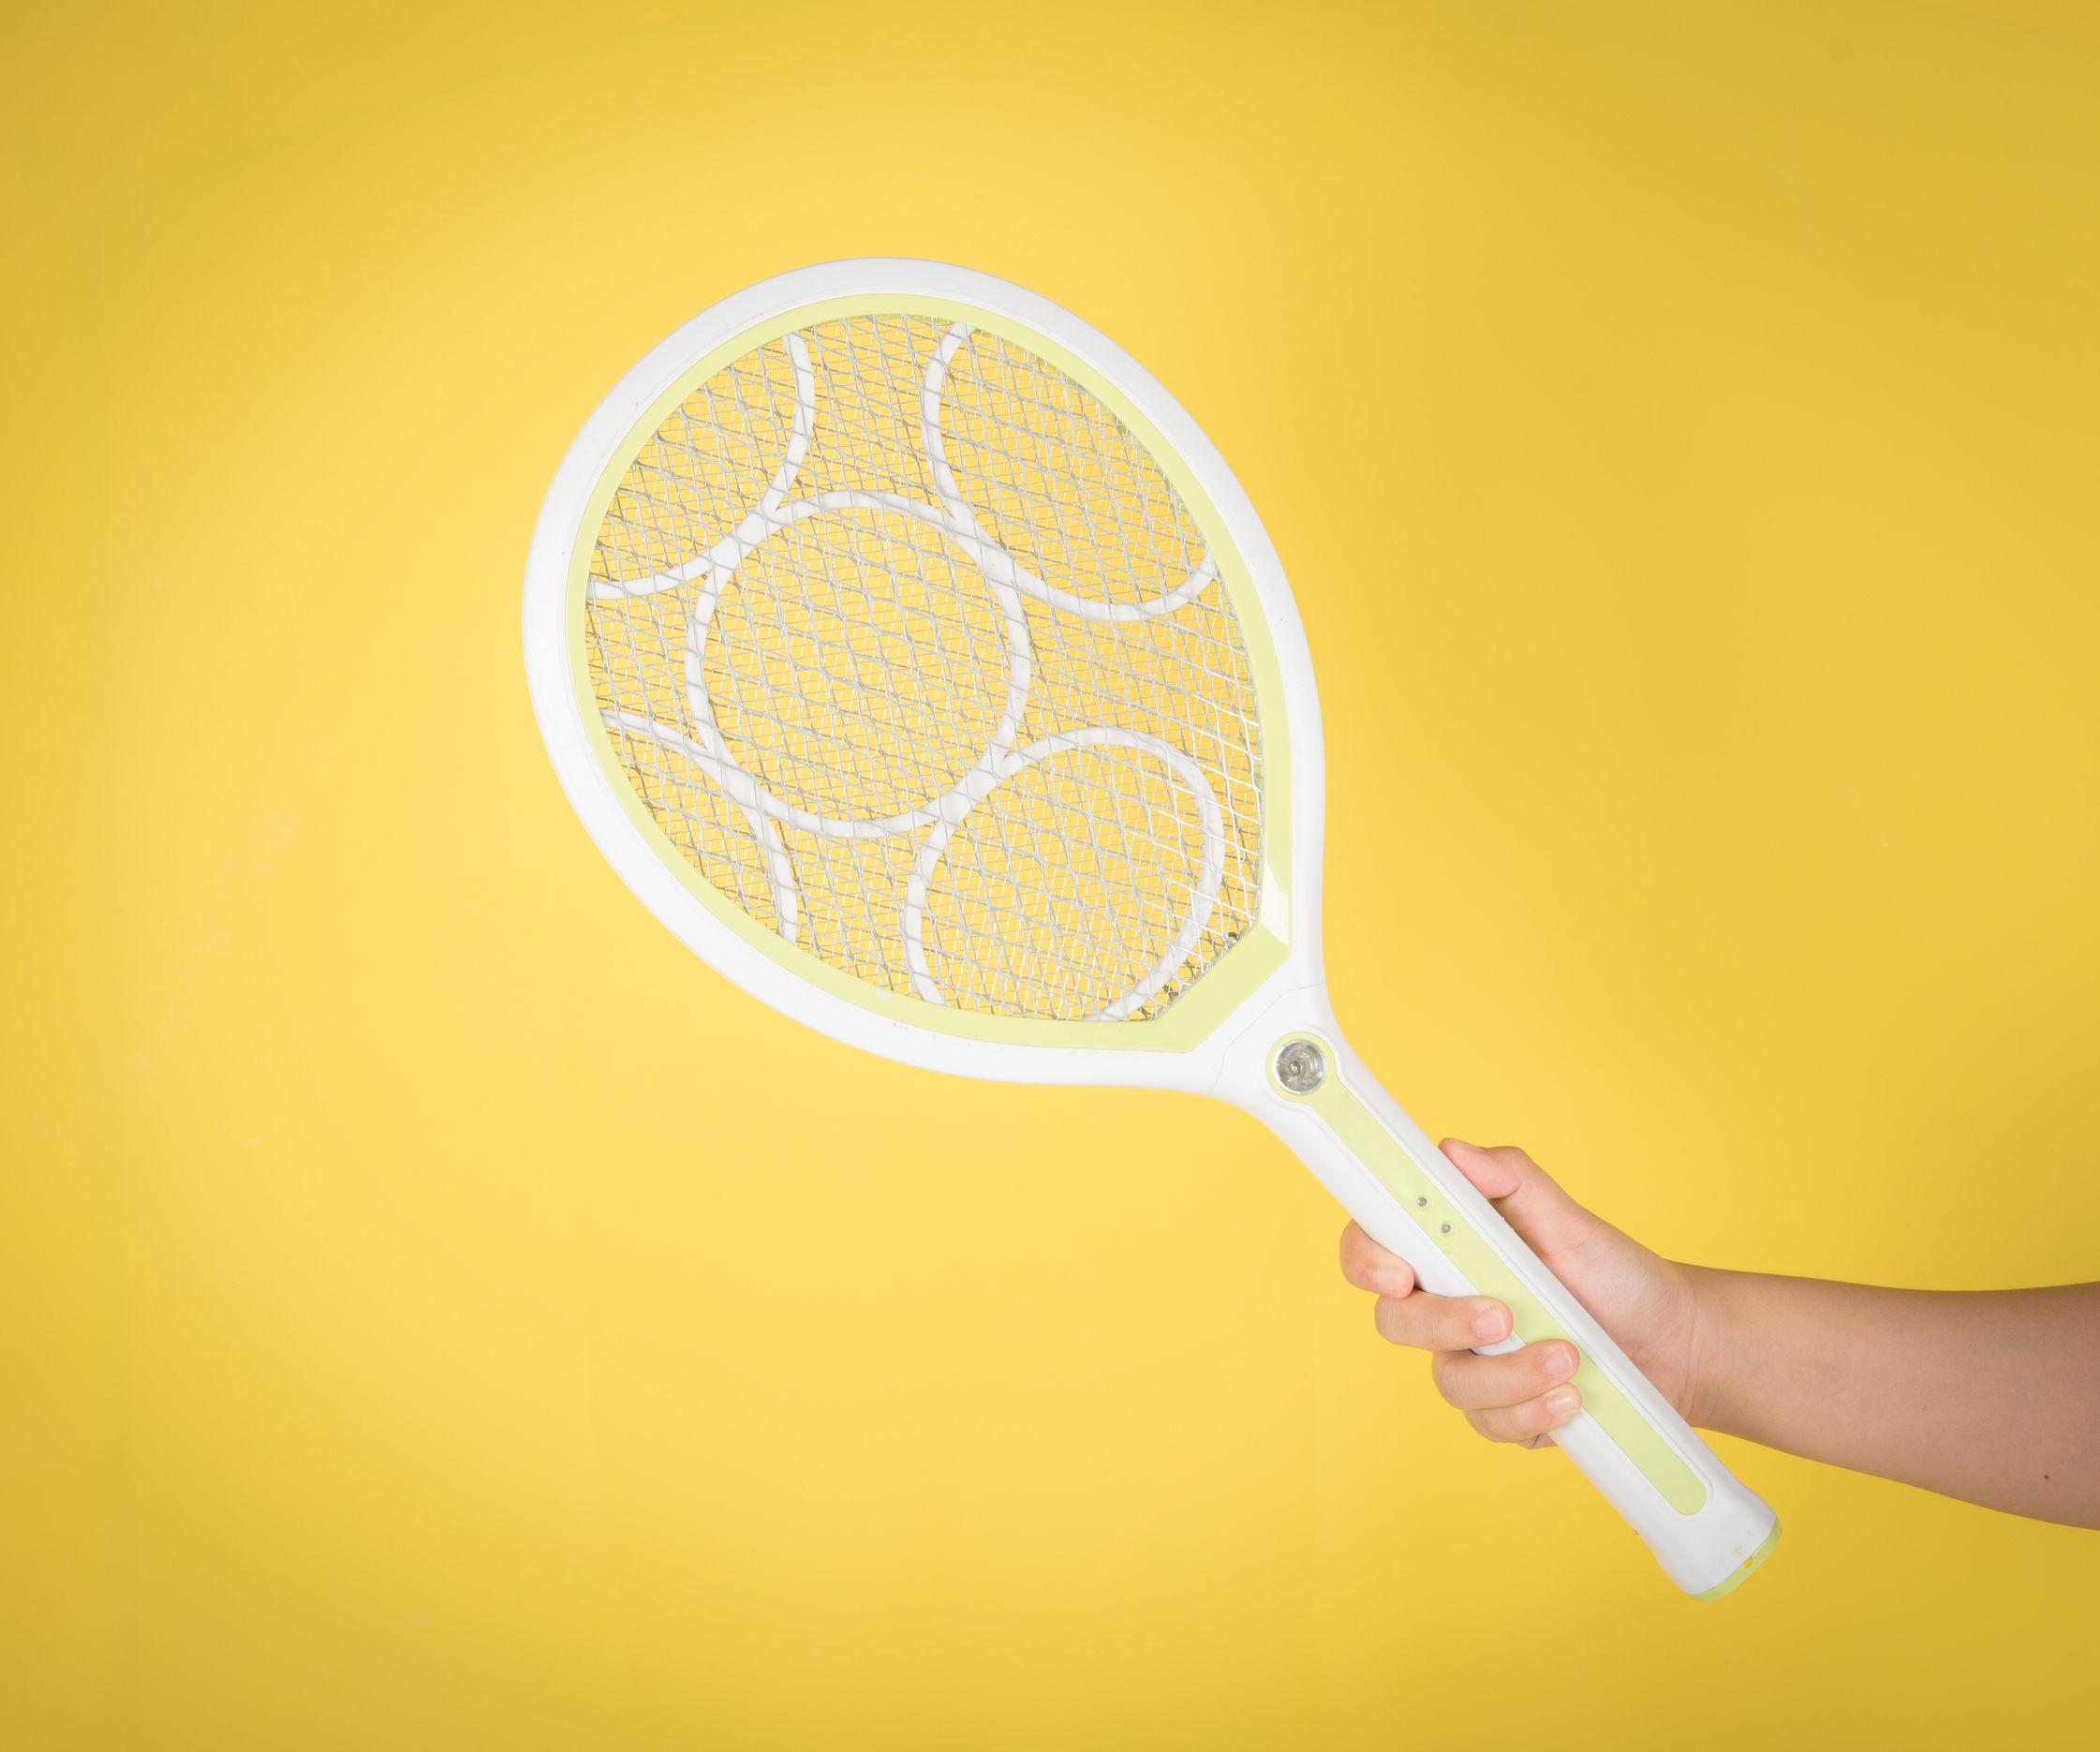 Na foto uma mão segurando uma raquete elétrica em um fundo amarelo.